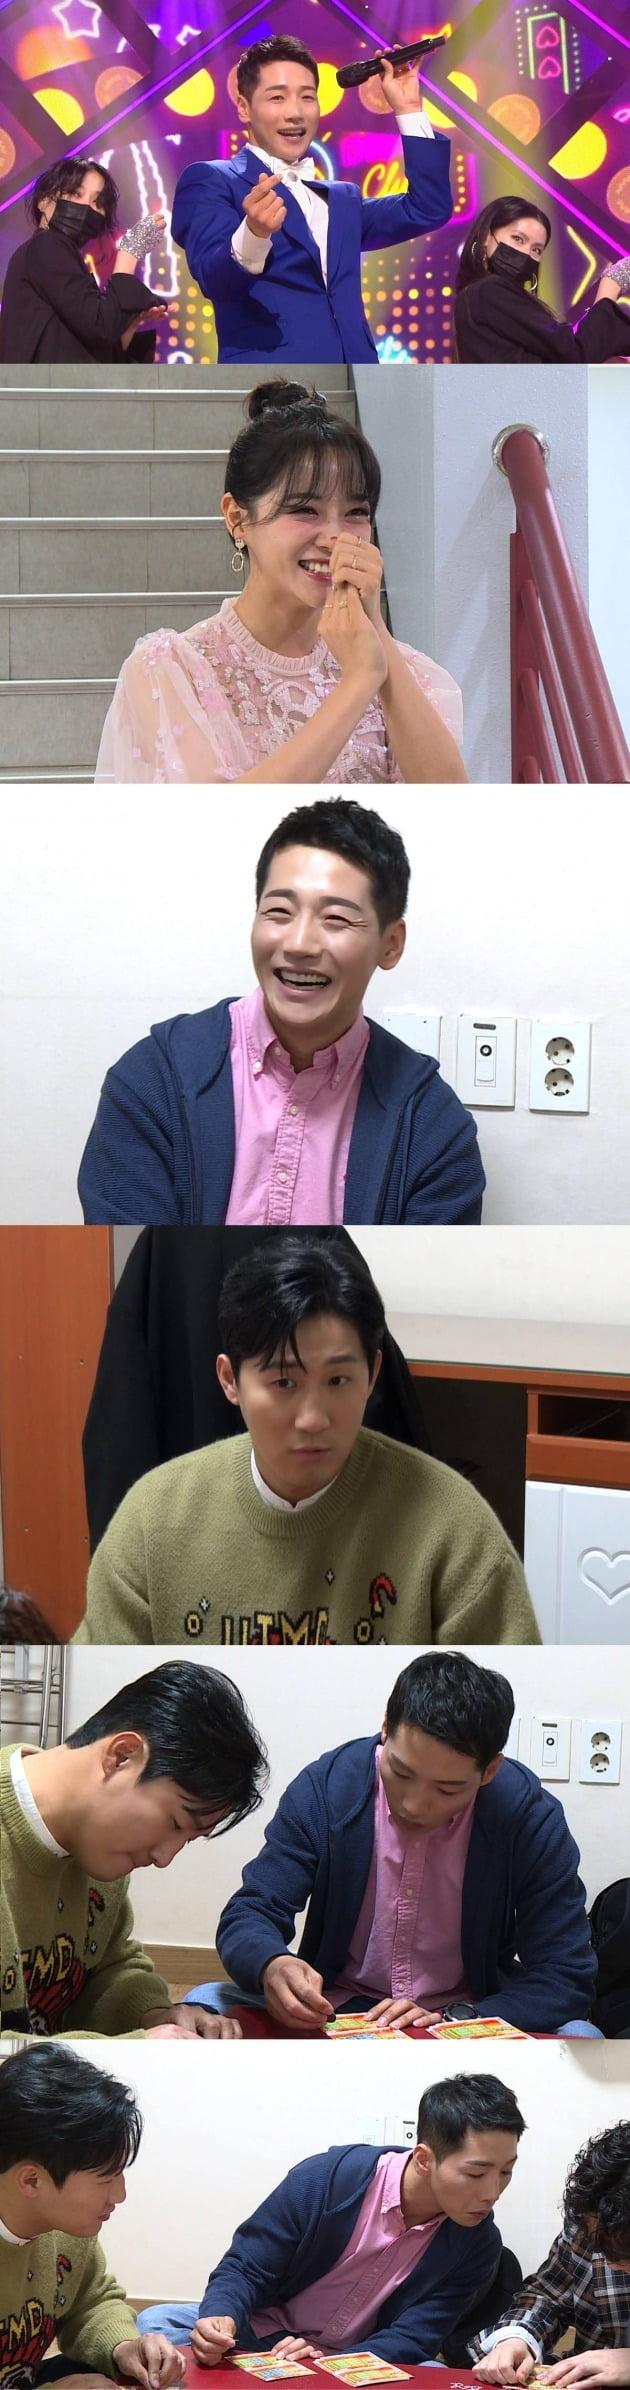 박군의 동료들이 박군의 '인기가요' 데뷔 응원에 나선다. / 사진제공=SBS '미운 우리 새끼'